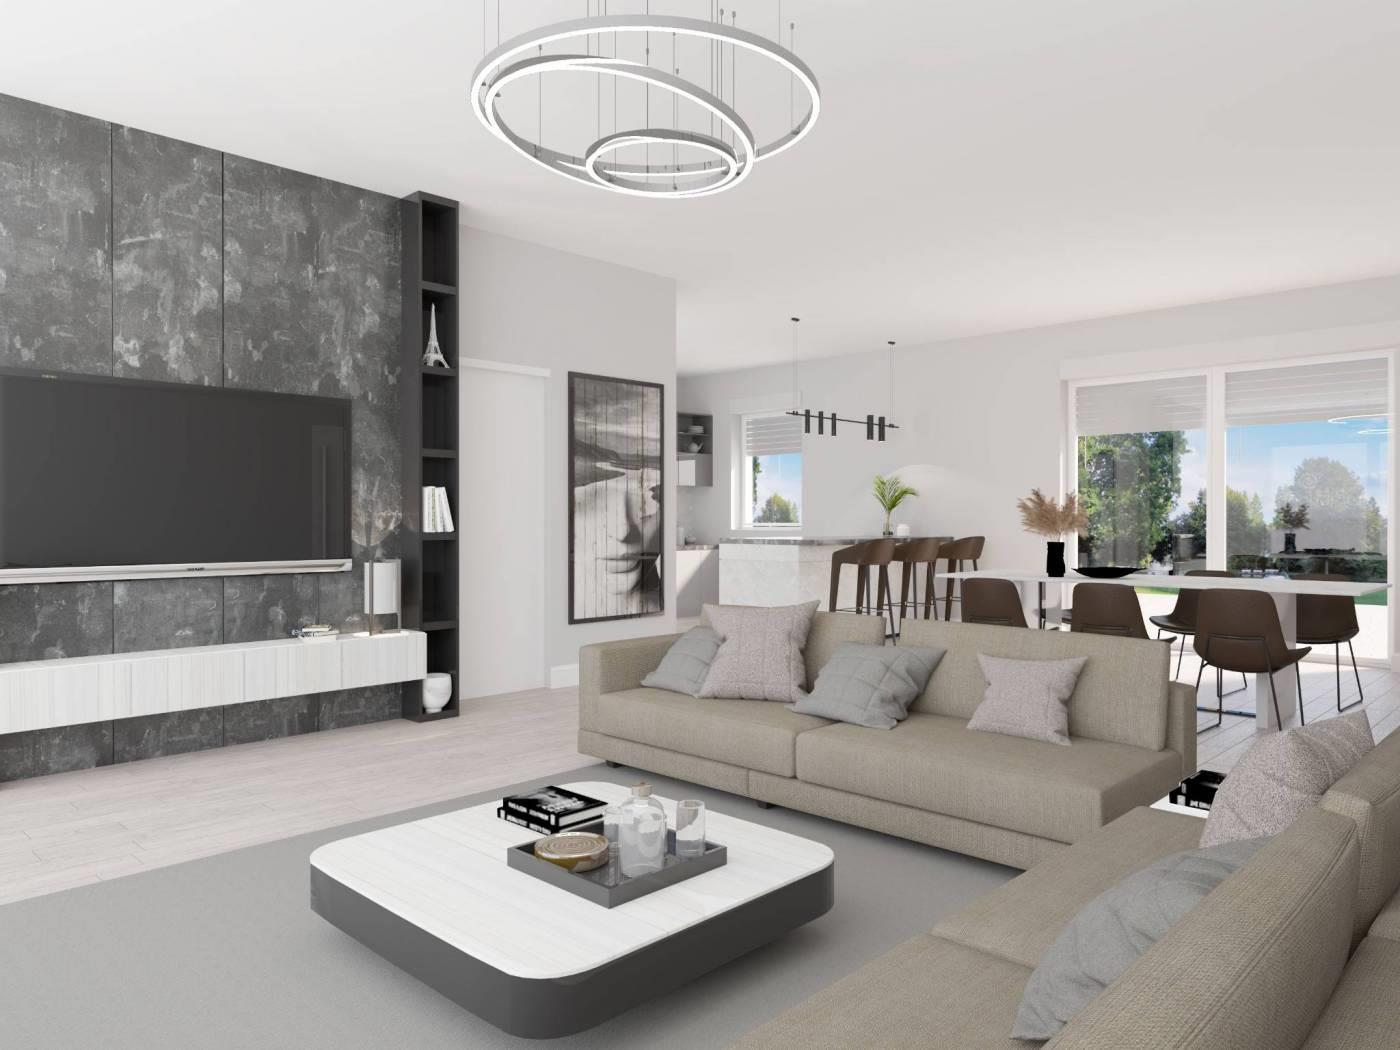 Foto 4 - Villa in Vendita - Usmate Velate (Monza e Brianza)